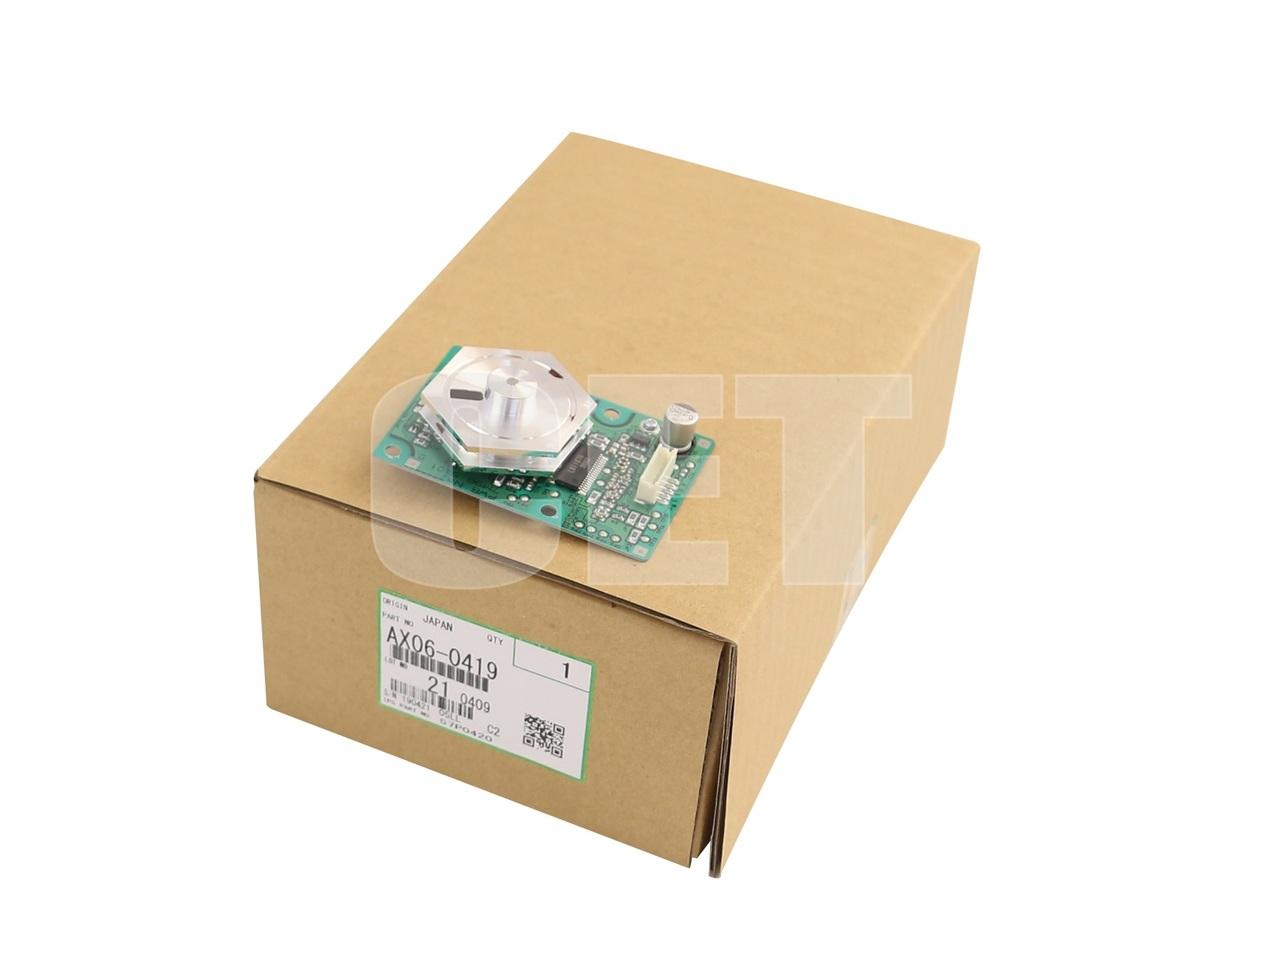 Двигатель многогранного зеркала AX060419 для RICOHMPC2011SP/2504/3504 (CET), CET561024